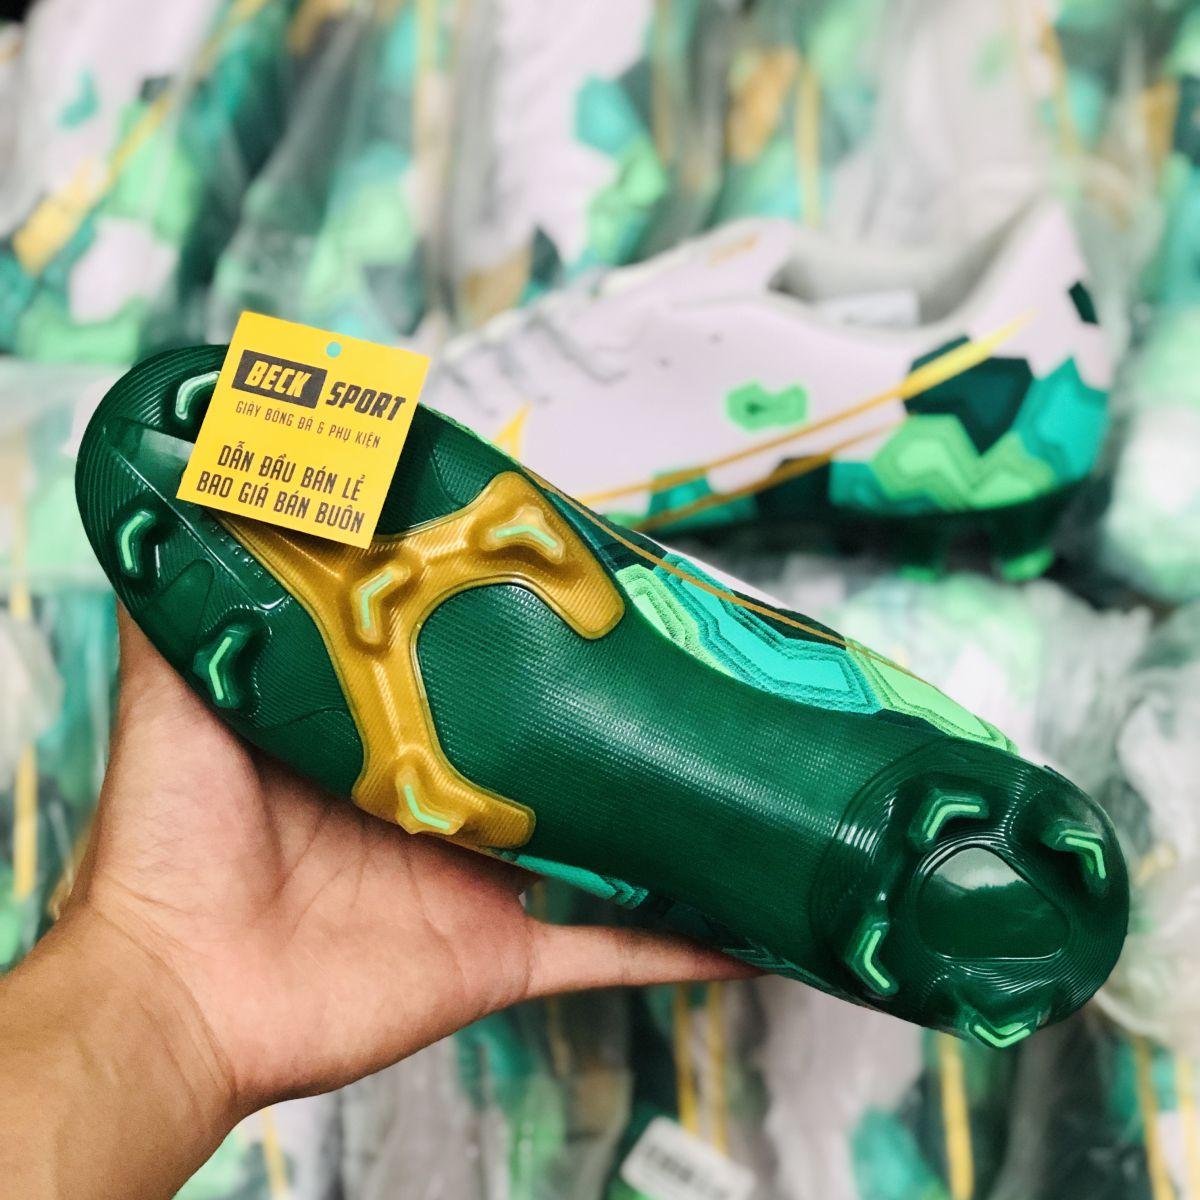 Giày Bóng Đá Nike Mercurial 13 Academy Xám Xanh Lục Vạch Vàng FG